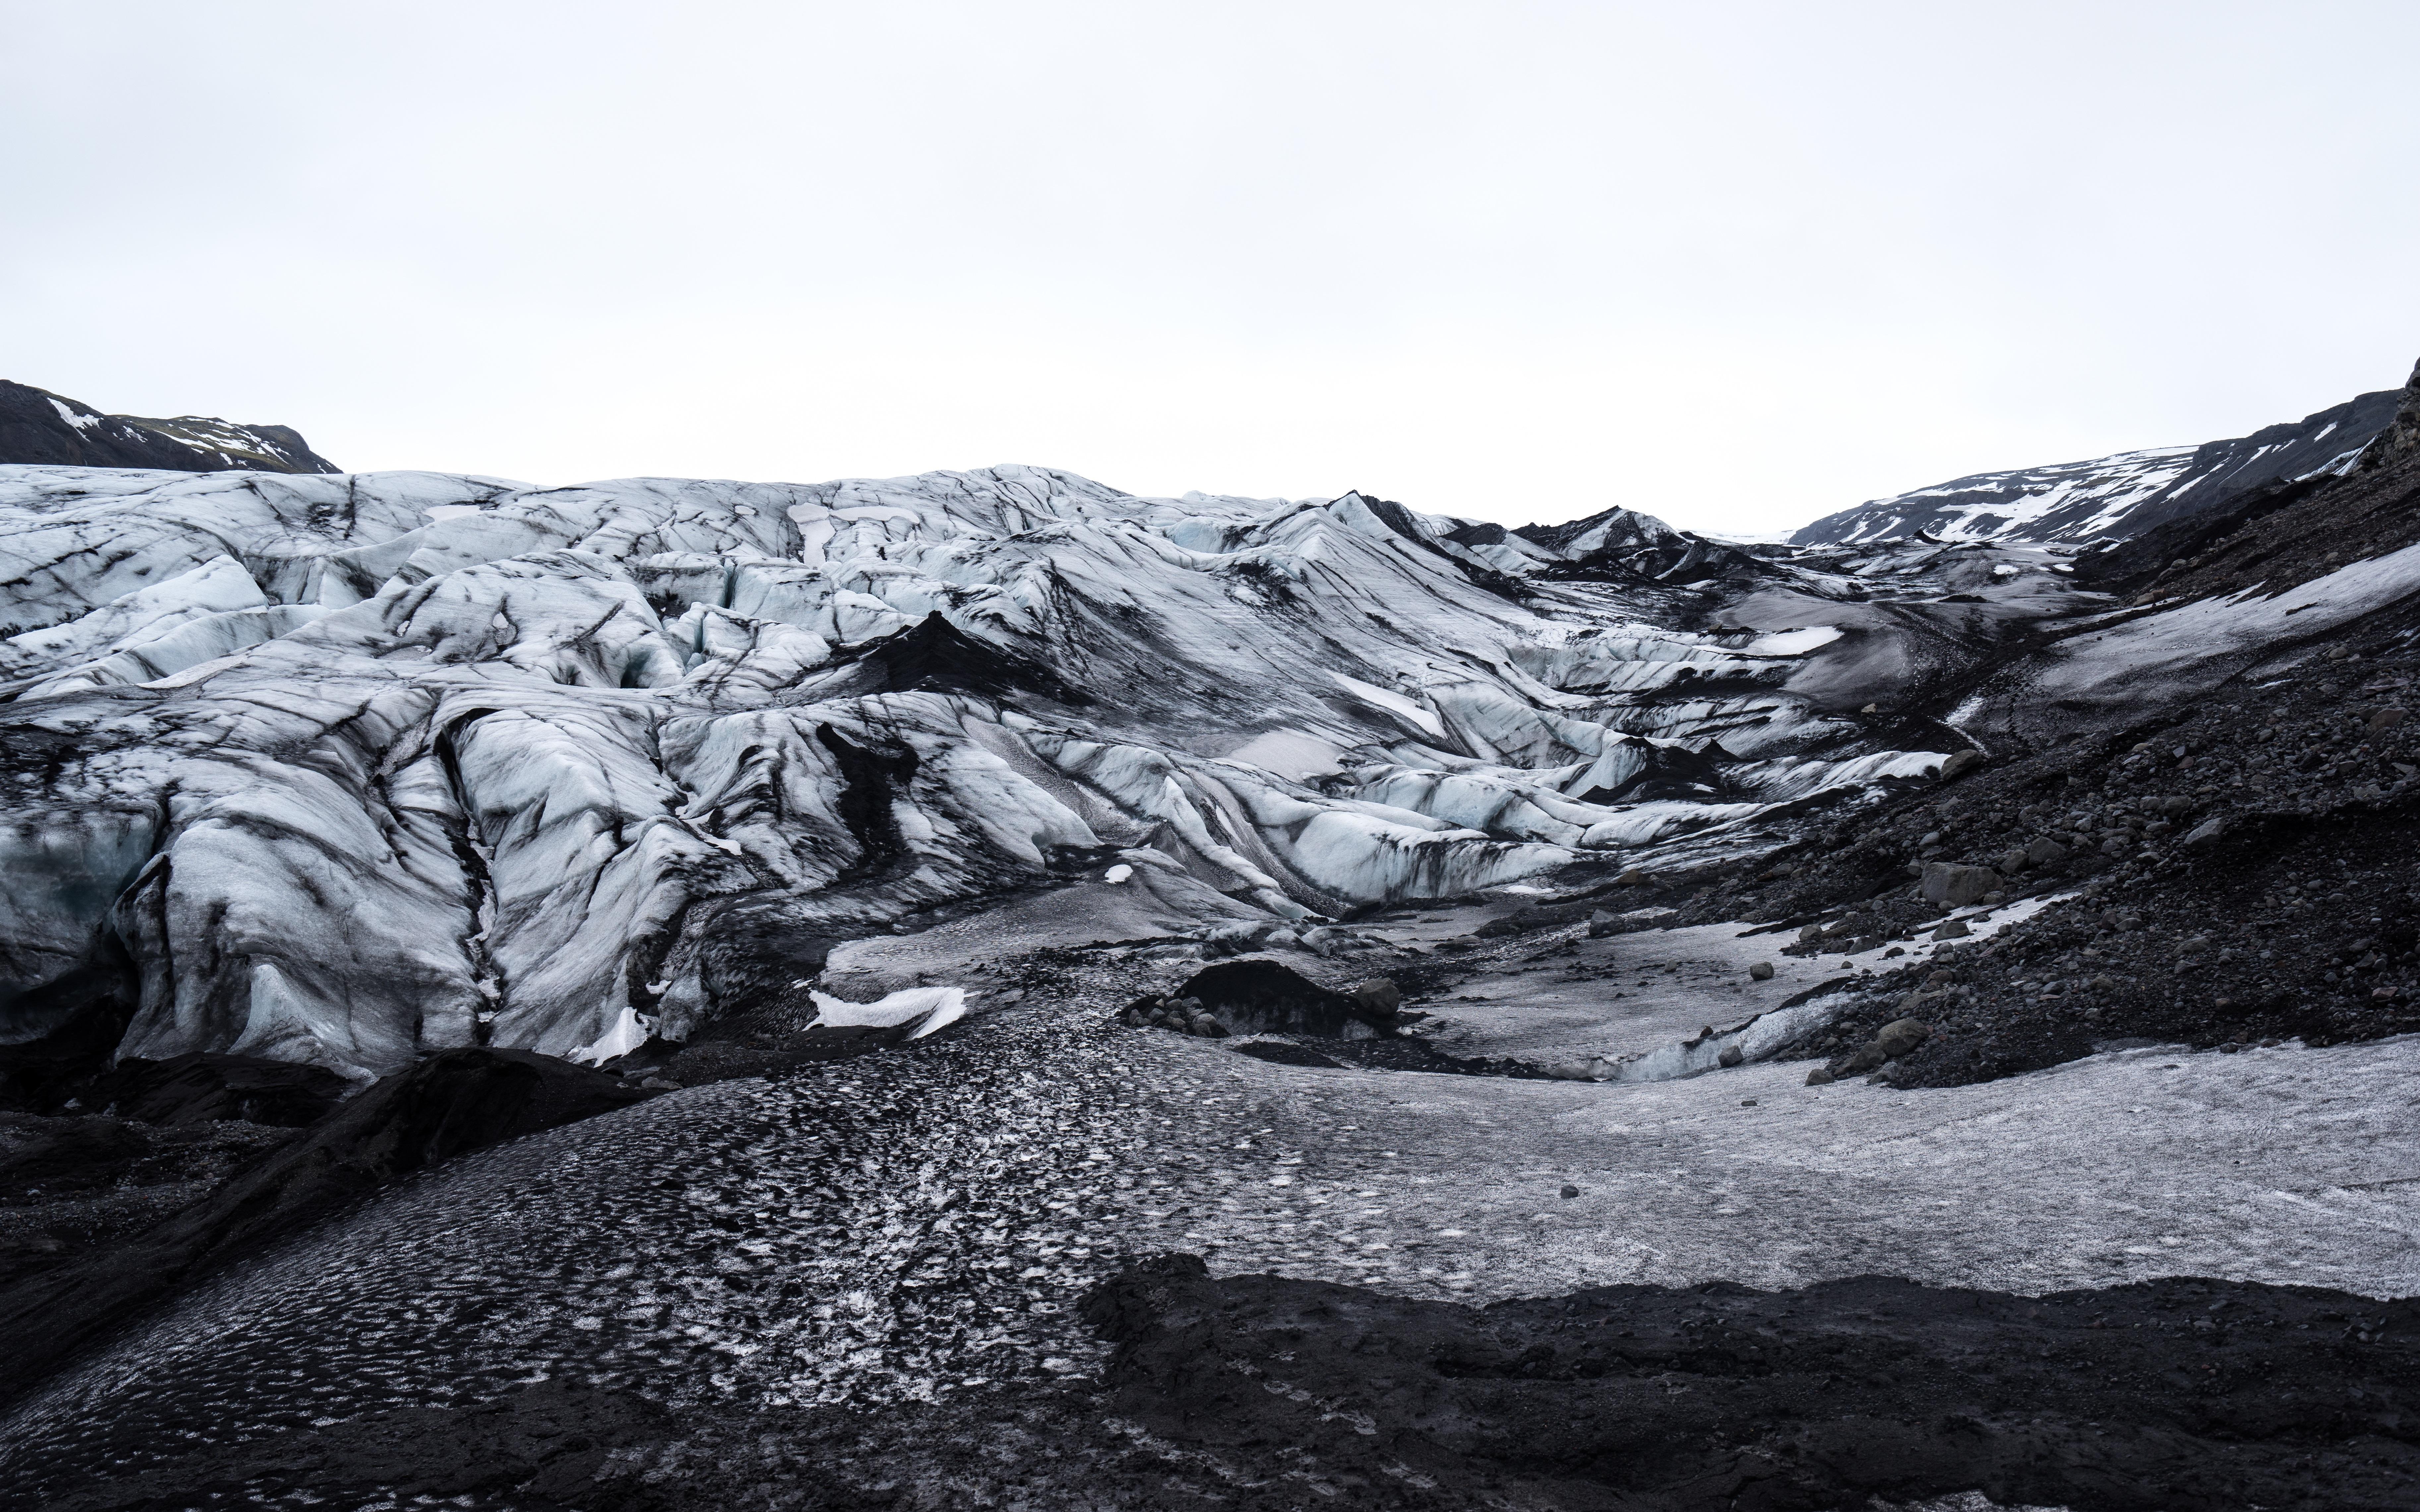 картинка арктические почвы шлепки тапочки